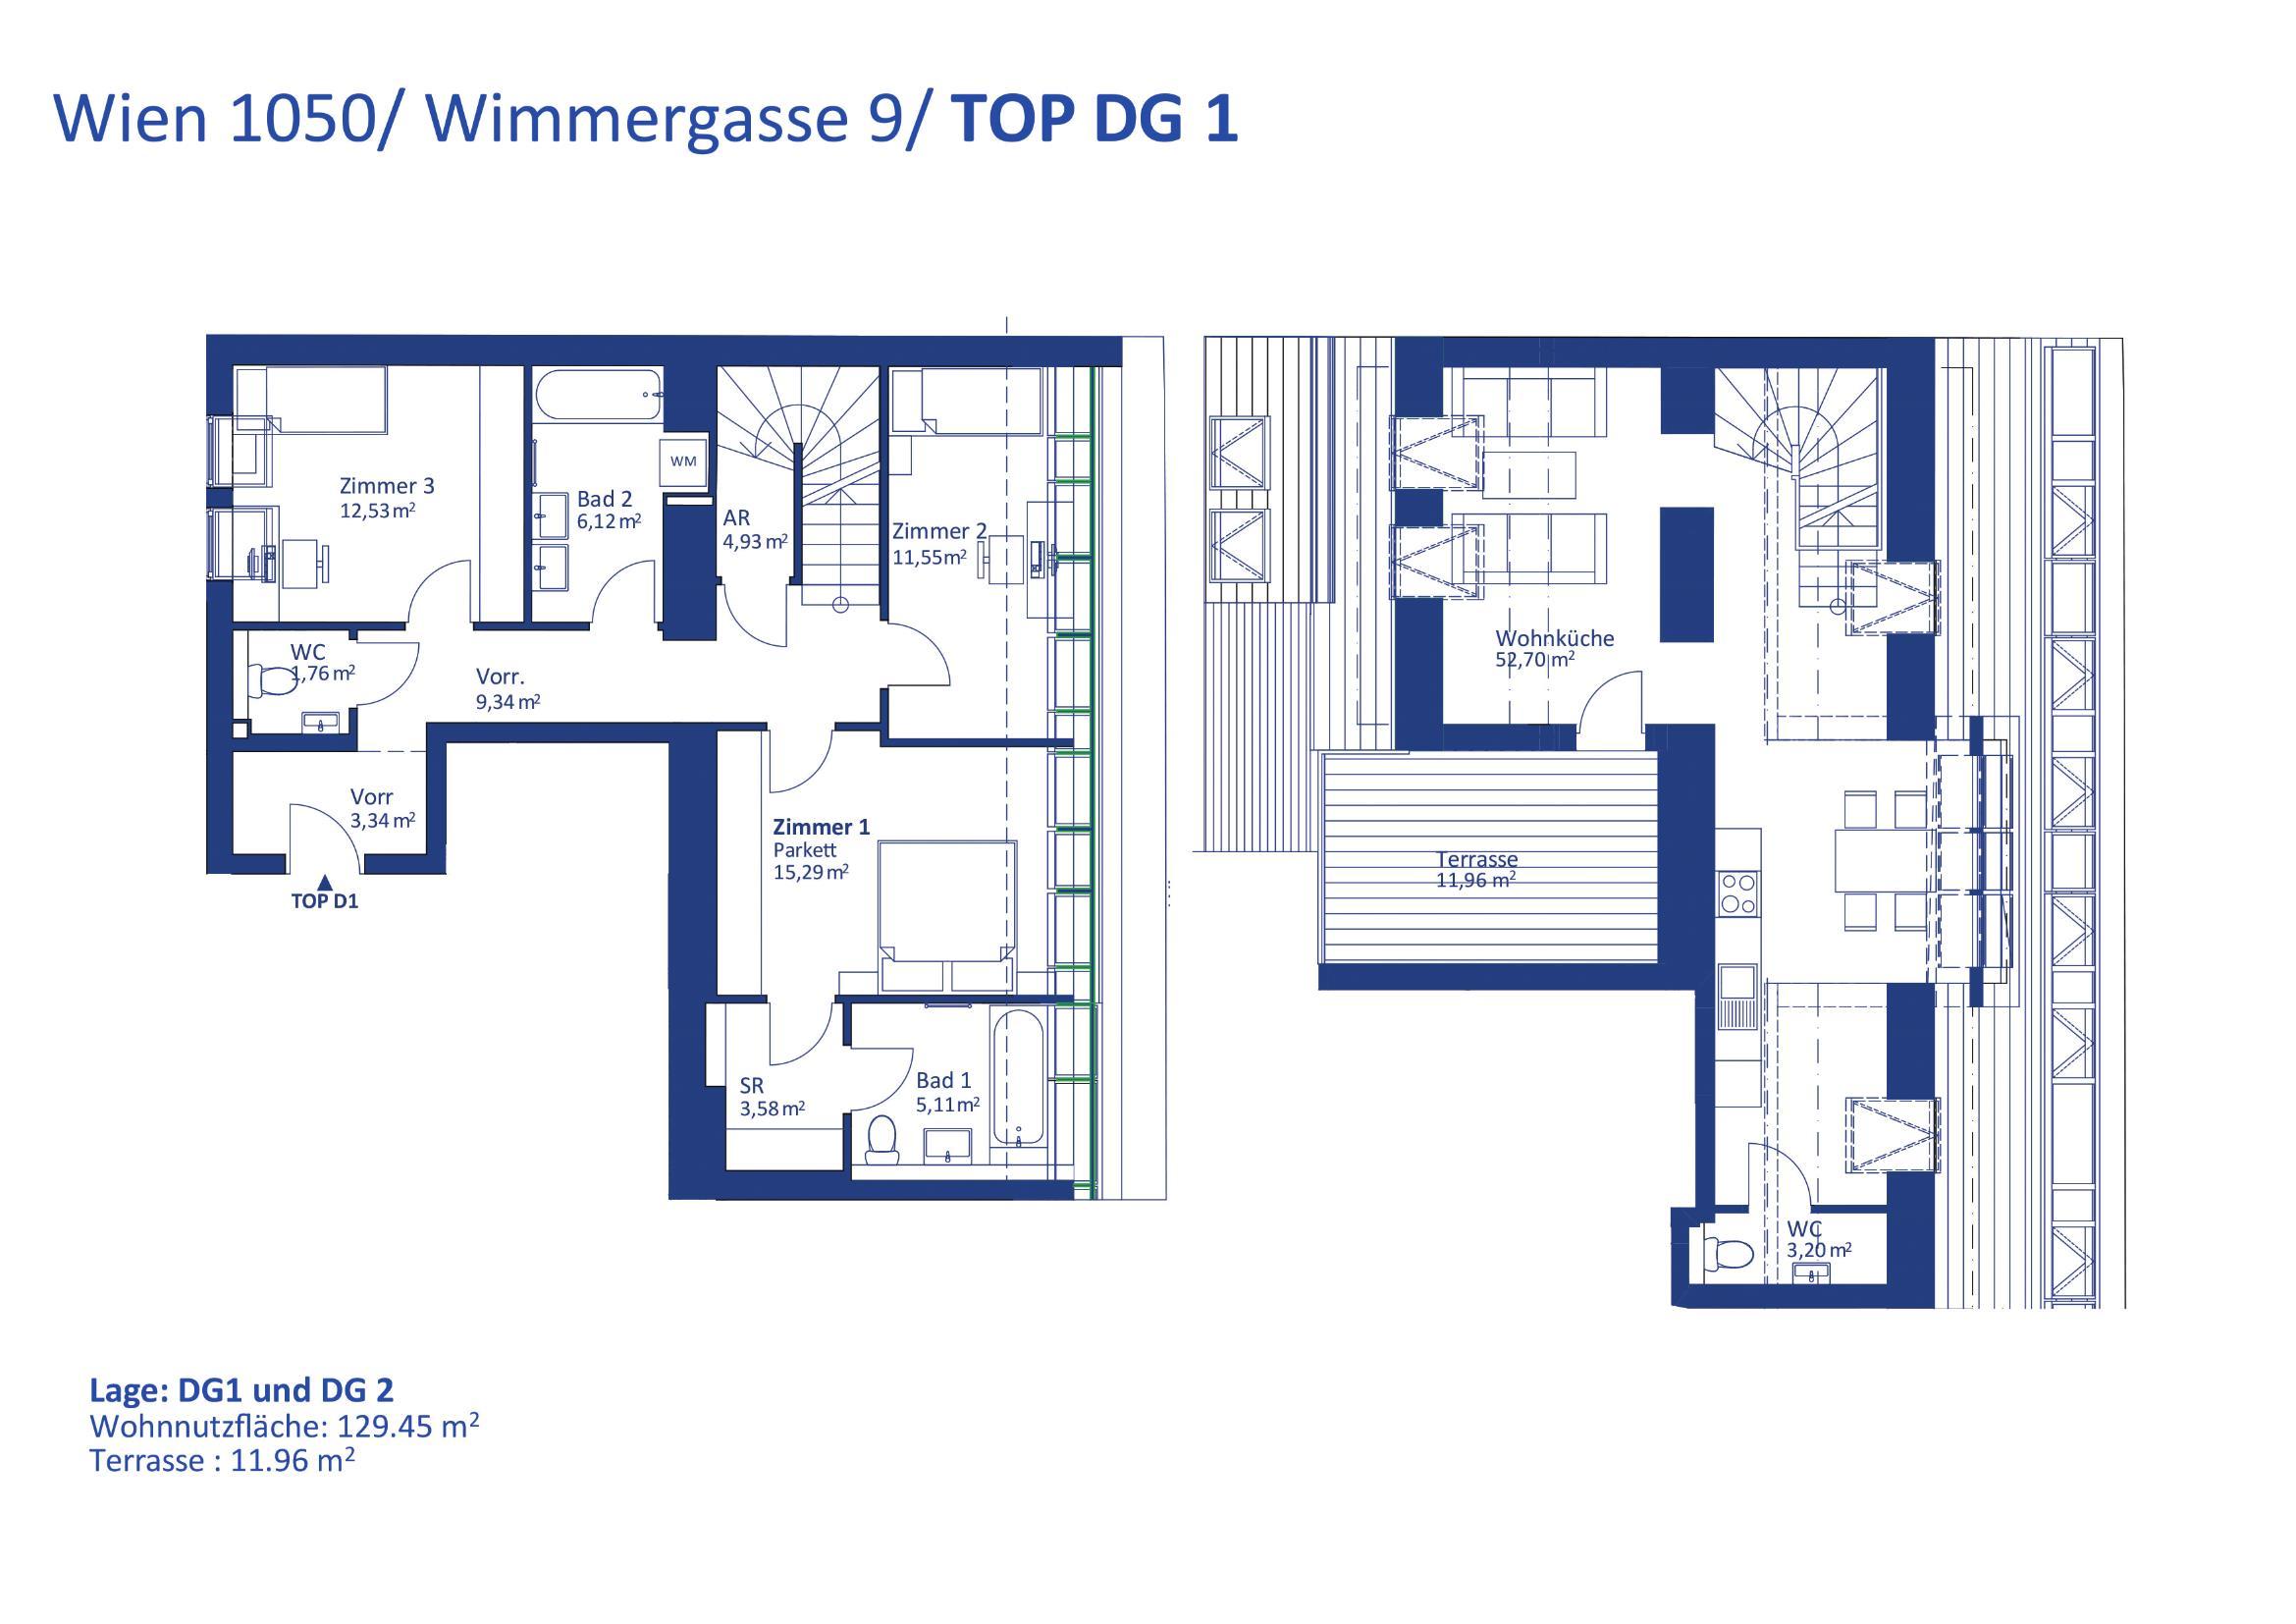 1050 Wien_Wimmergasse 9_D1